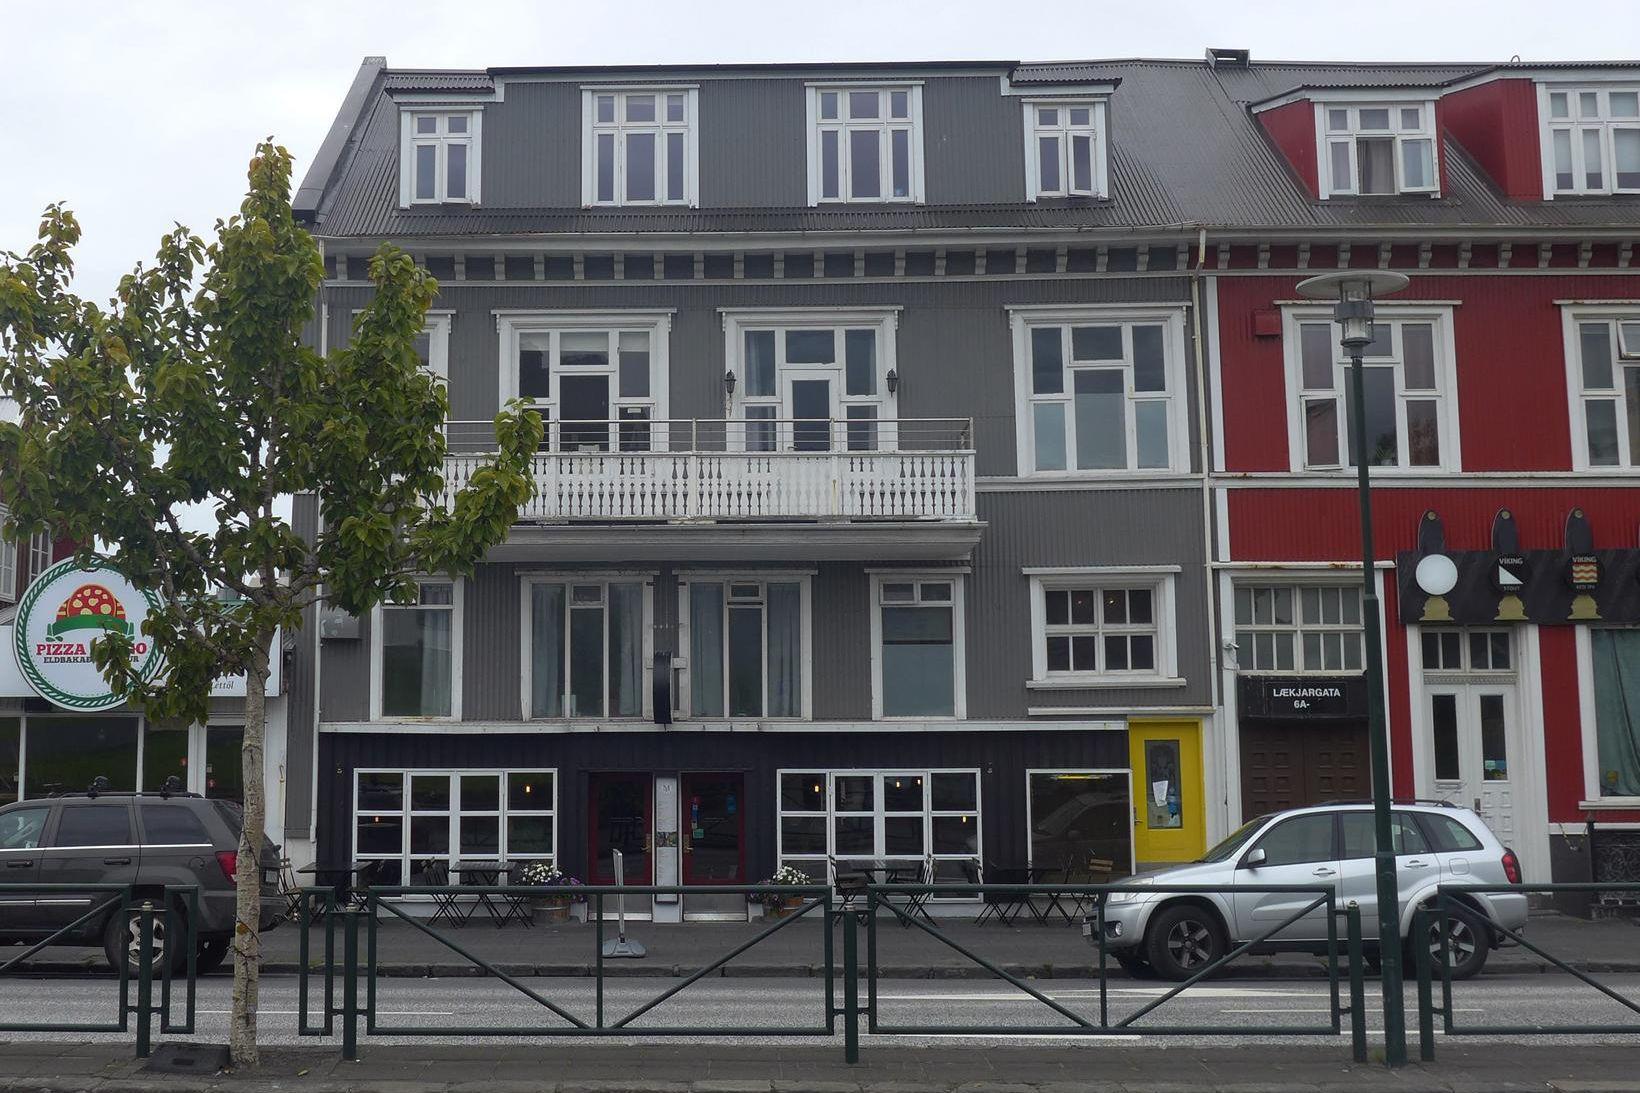 Centric guesthouse varð Sticky Artments, sem sé listaíbúðir á vegum …